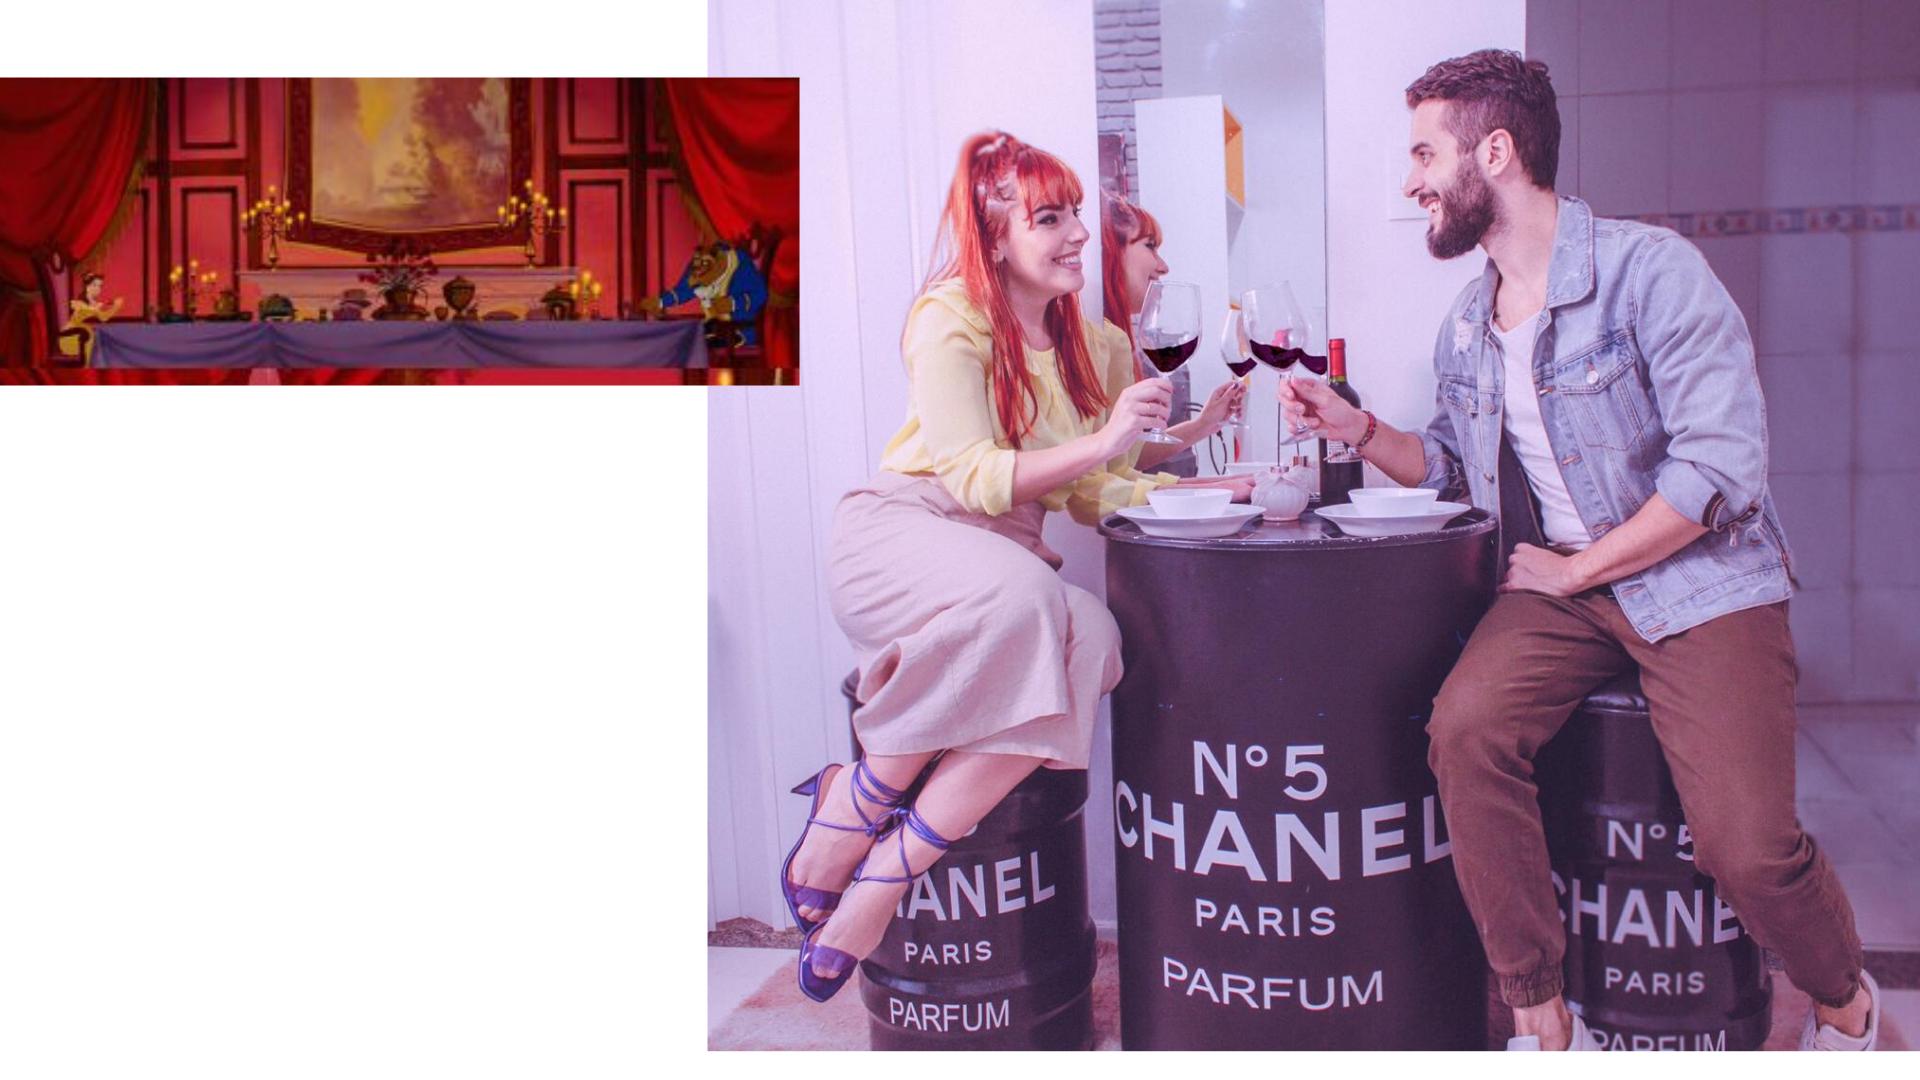 sapatos | evora shoes | moda 2020 | sapatos delivery | compras delivery | moda sapatos | princesas disney | princesas da disney modernas | A Bela e a Fera